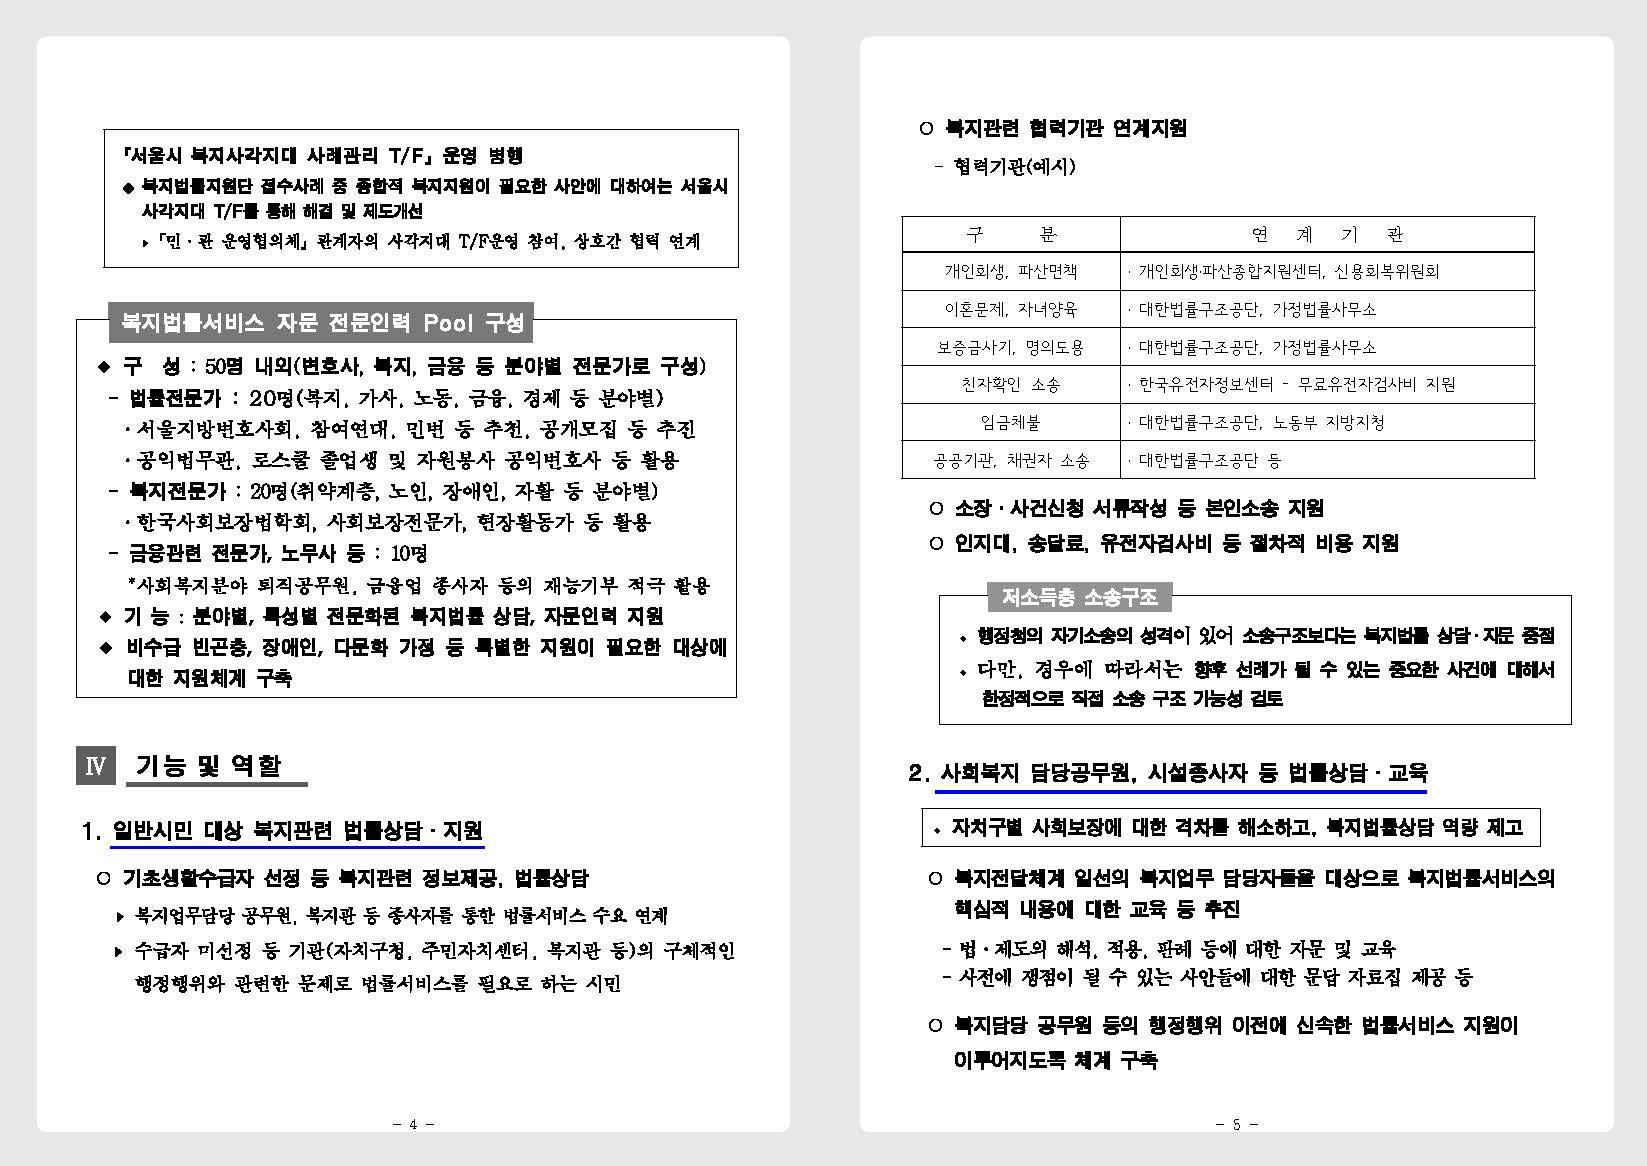 서울복지법률지원단 설치운영계획서_페이지_3.jpg